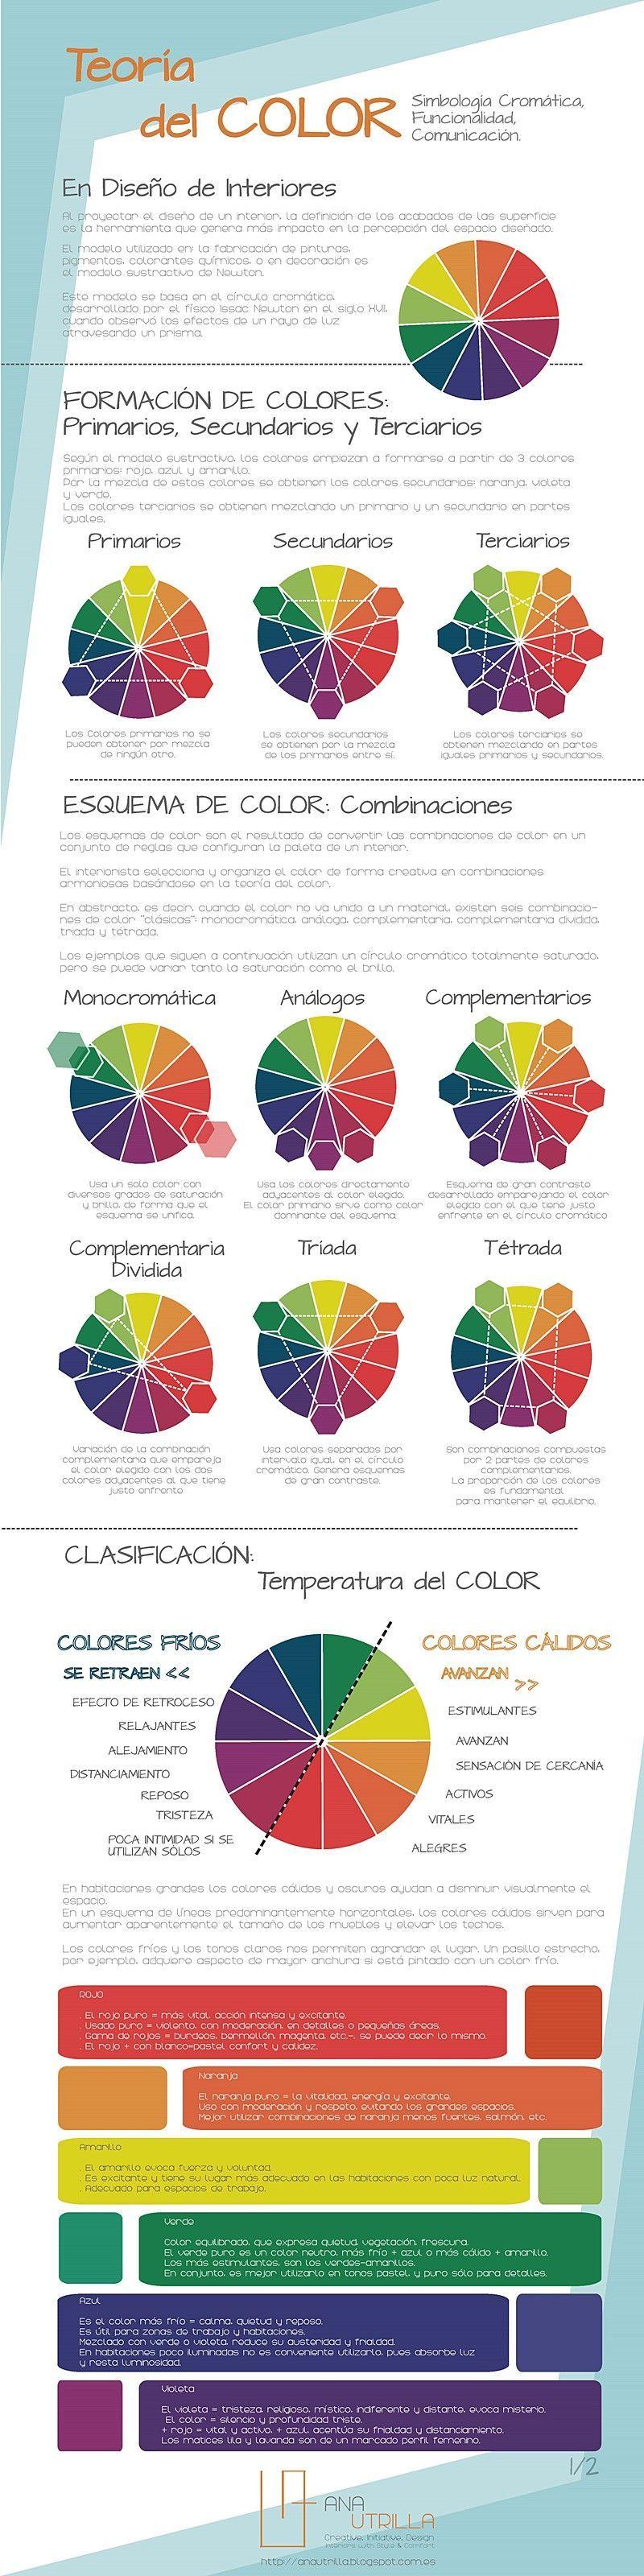 Teoría del color para decoración de interiores por Ana Utrilla infografía